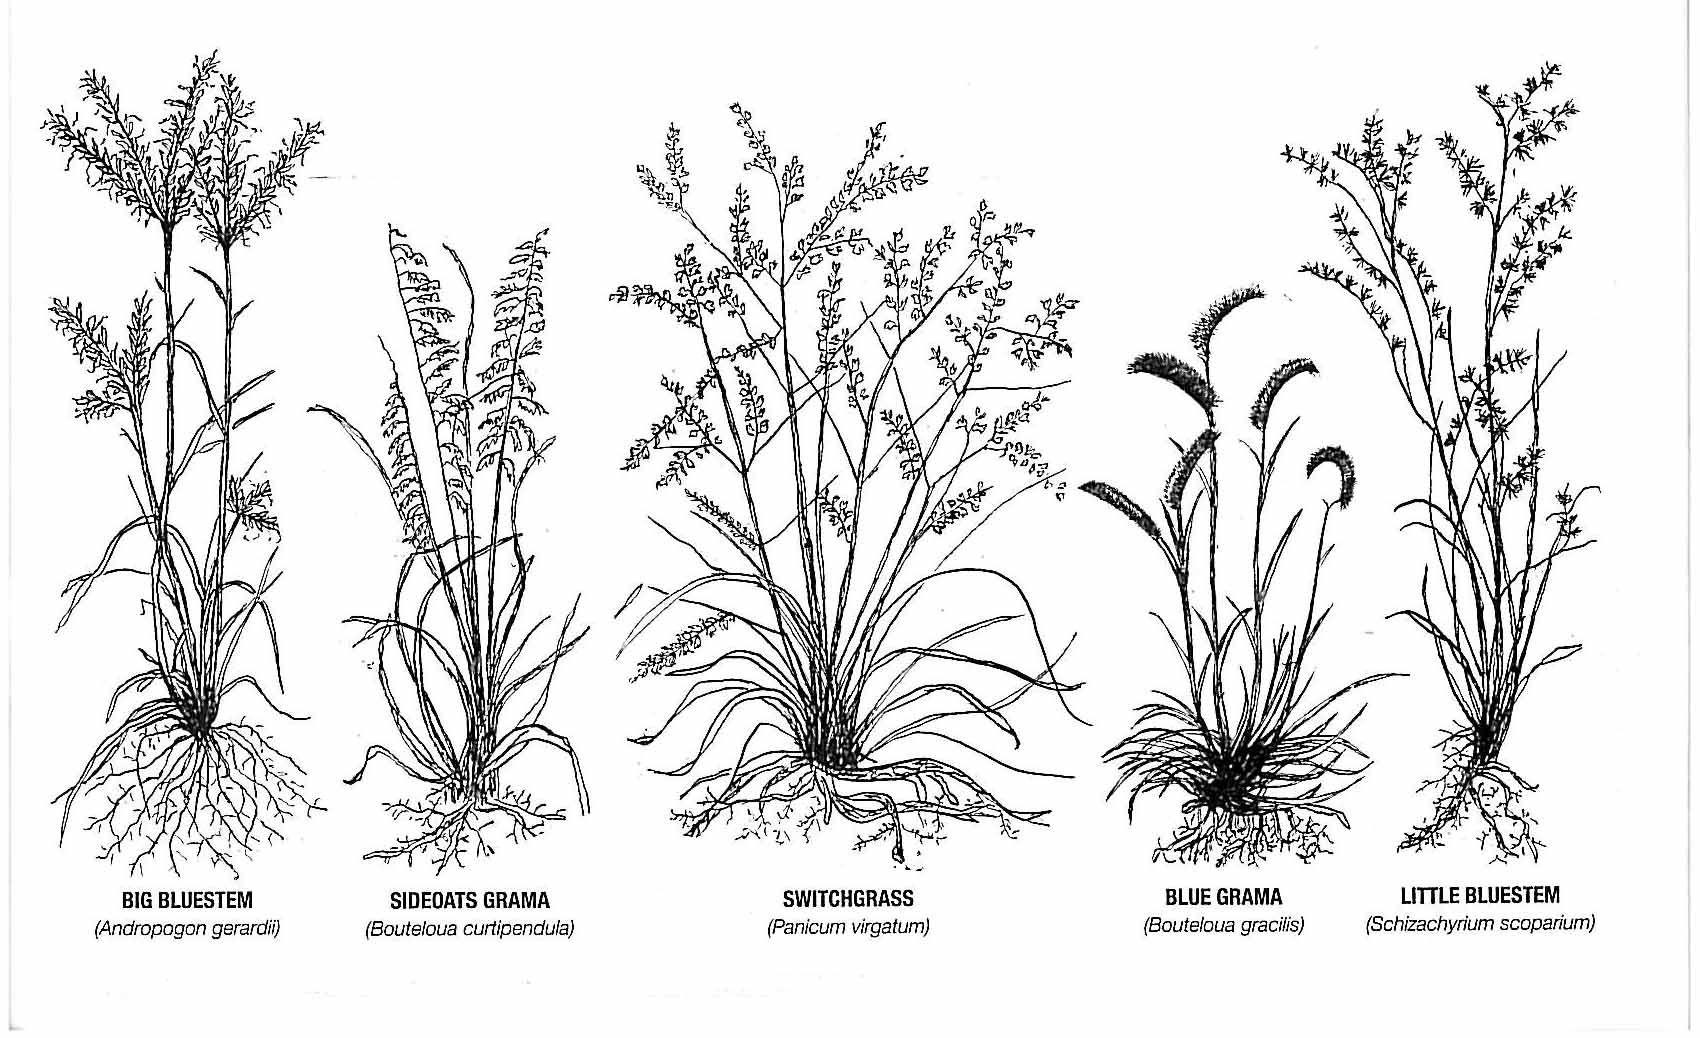 Prairie Grass Tattoo Research Switchgrass Little Bluestem